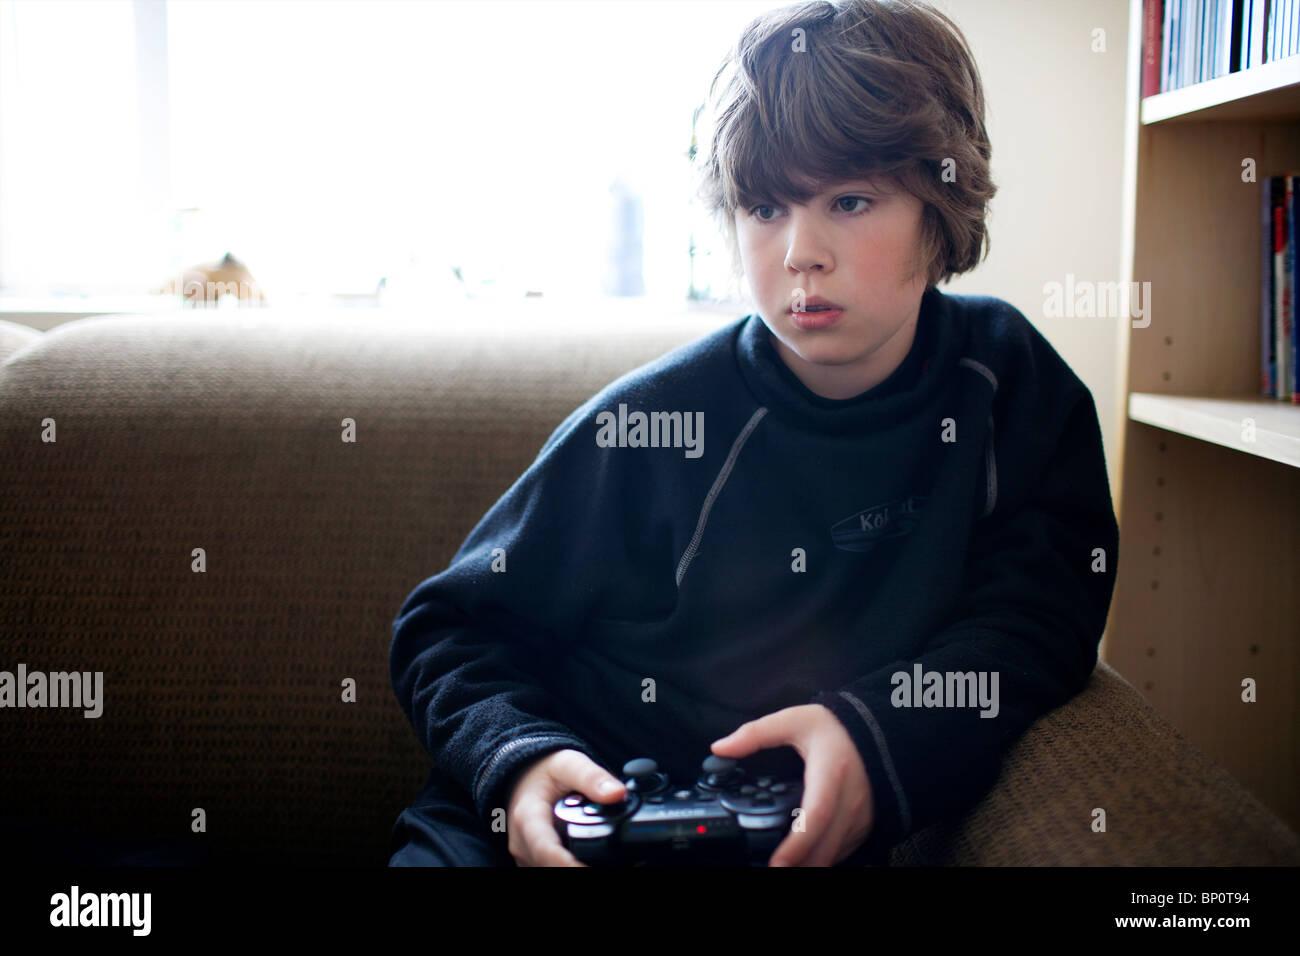 ein kleiner junge auf einer playstation spielen stockfoto. Black Bedroom Furniture Sets. Home Design Ideas